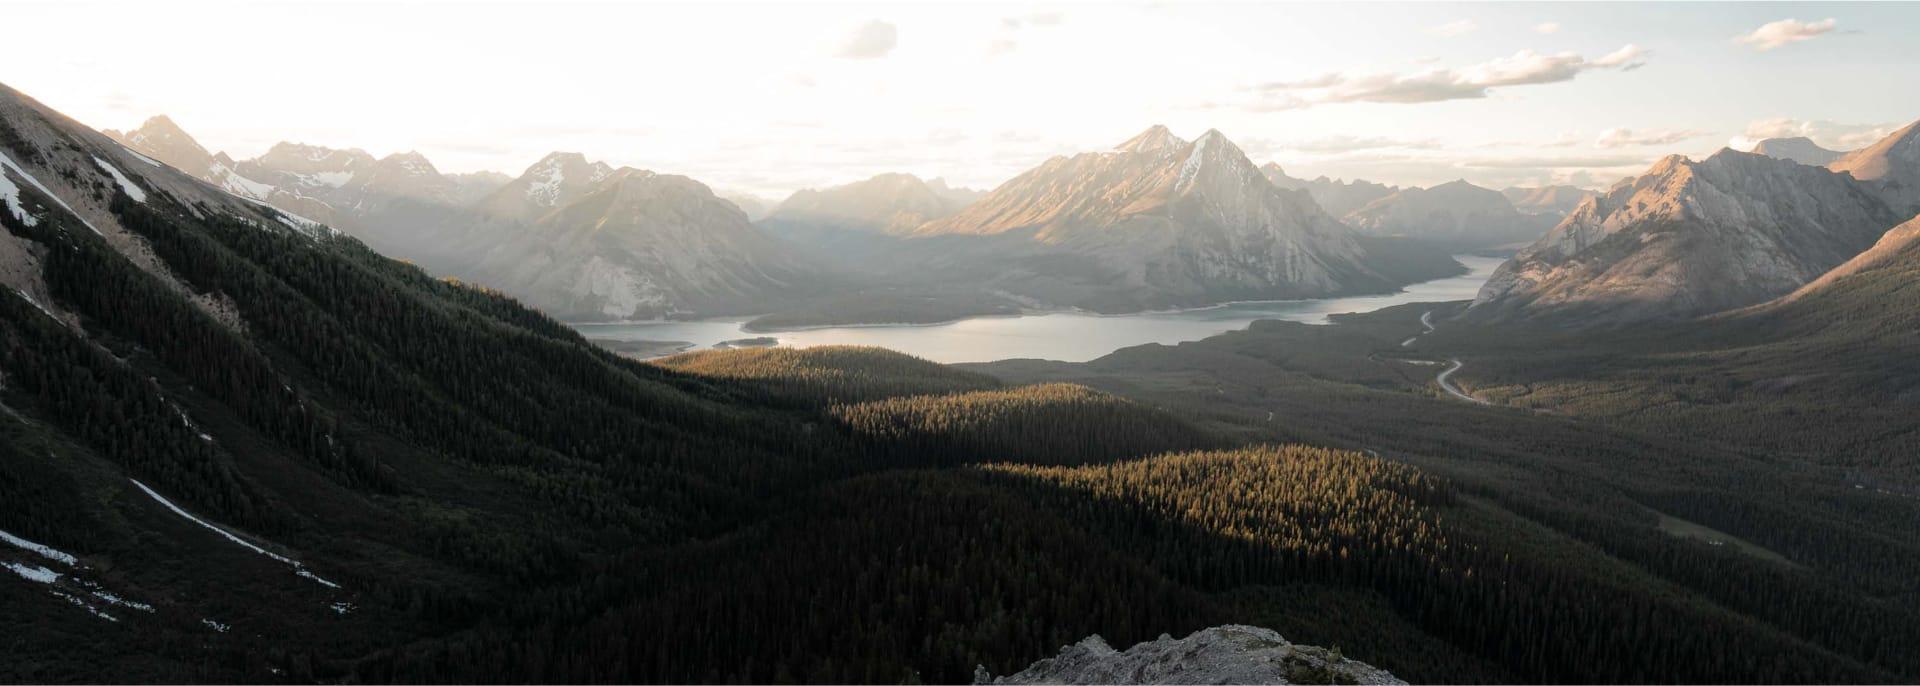 Hiking Tent Ridge in Kananaskis Country, Alberta